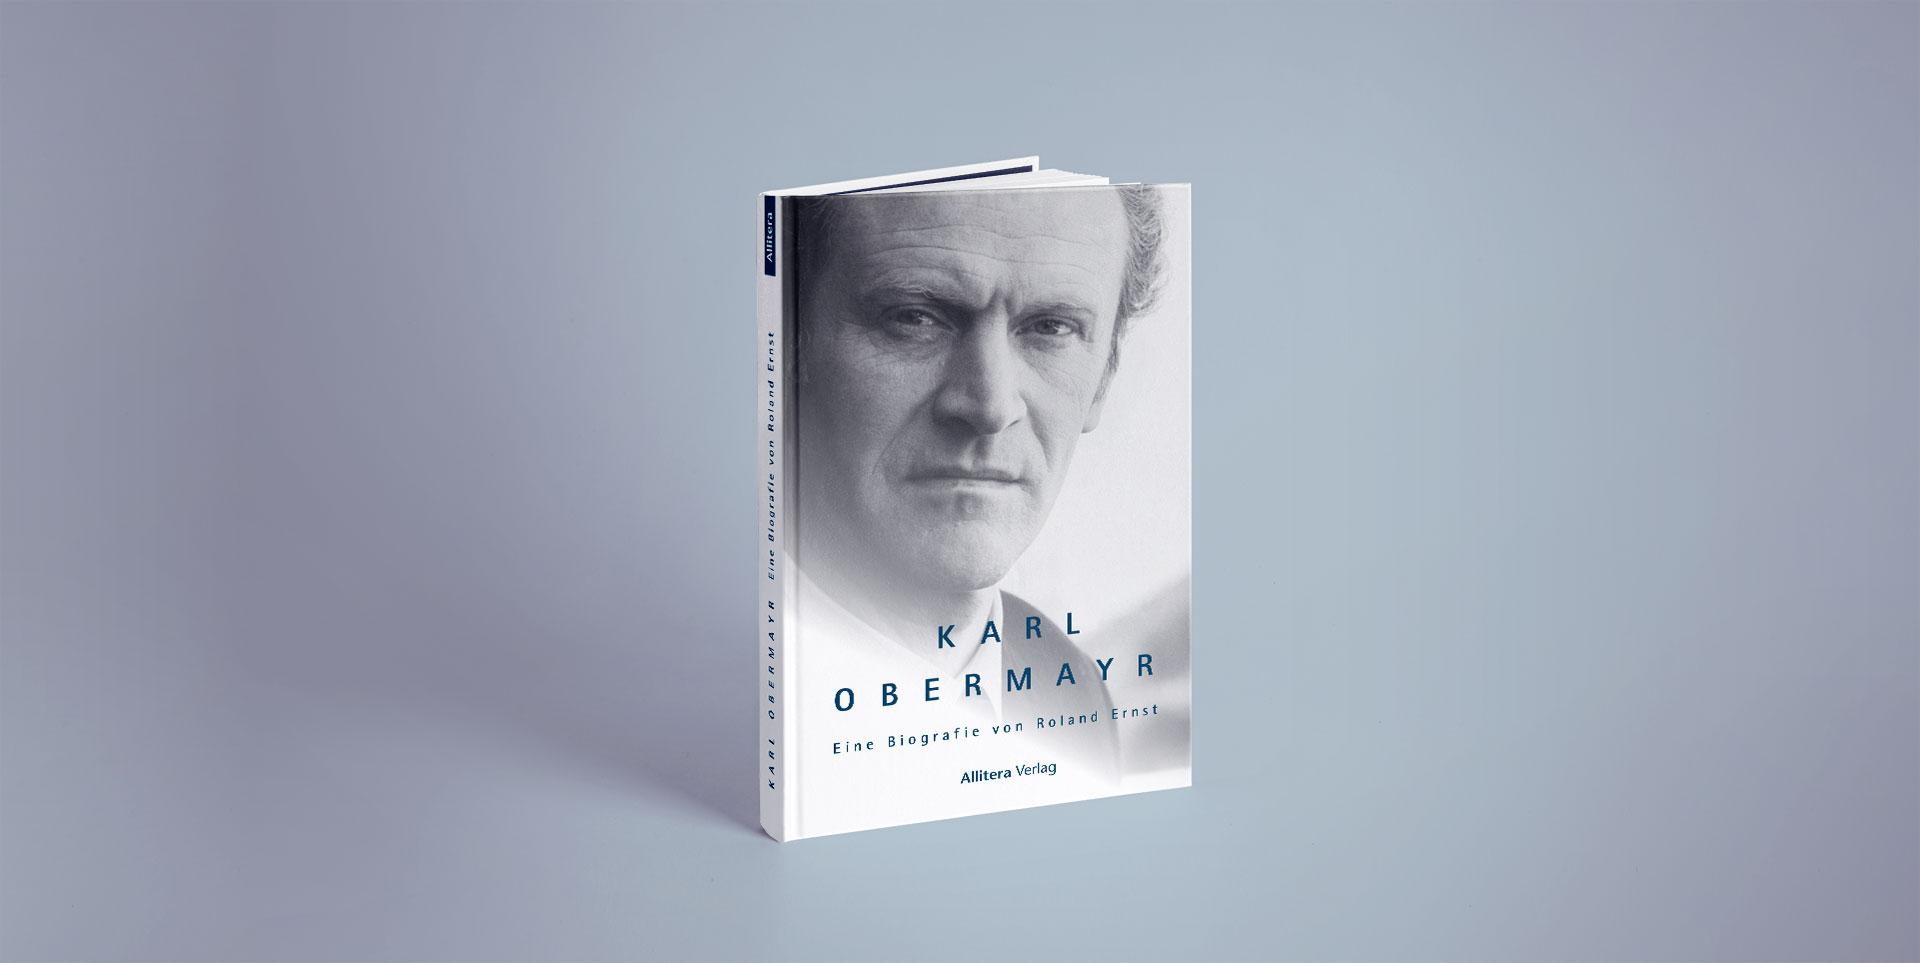 Buchcover stehend Roland Ernst Karl Obermayr